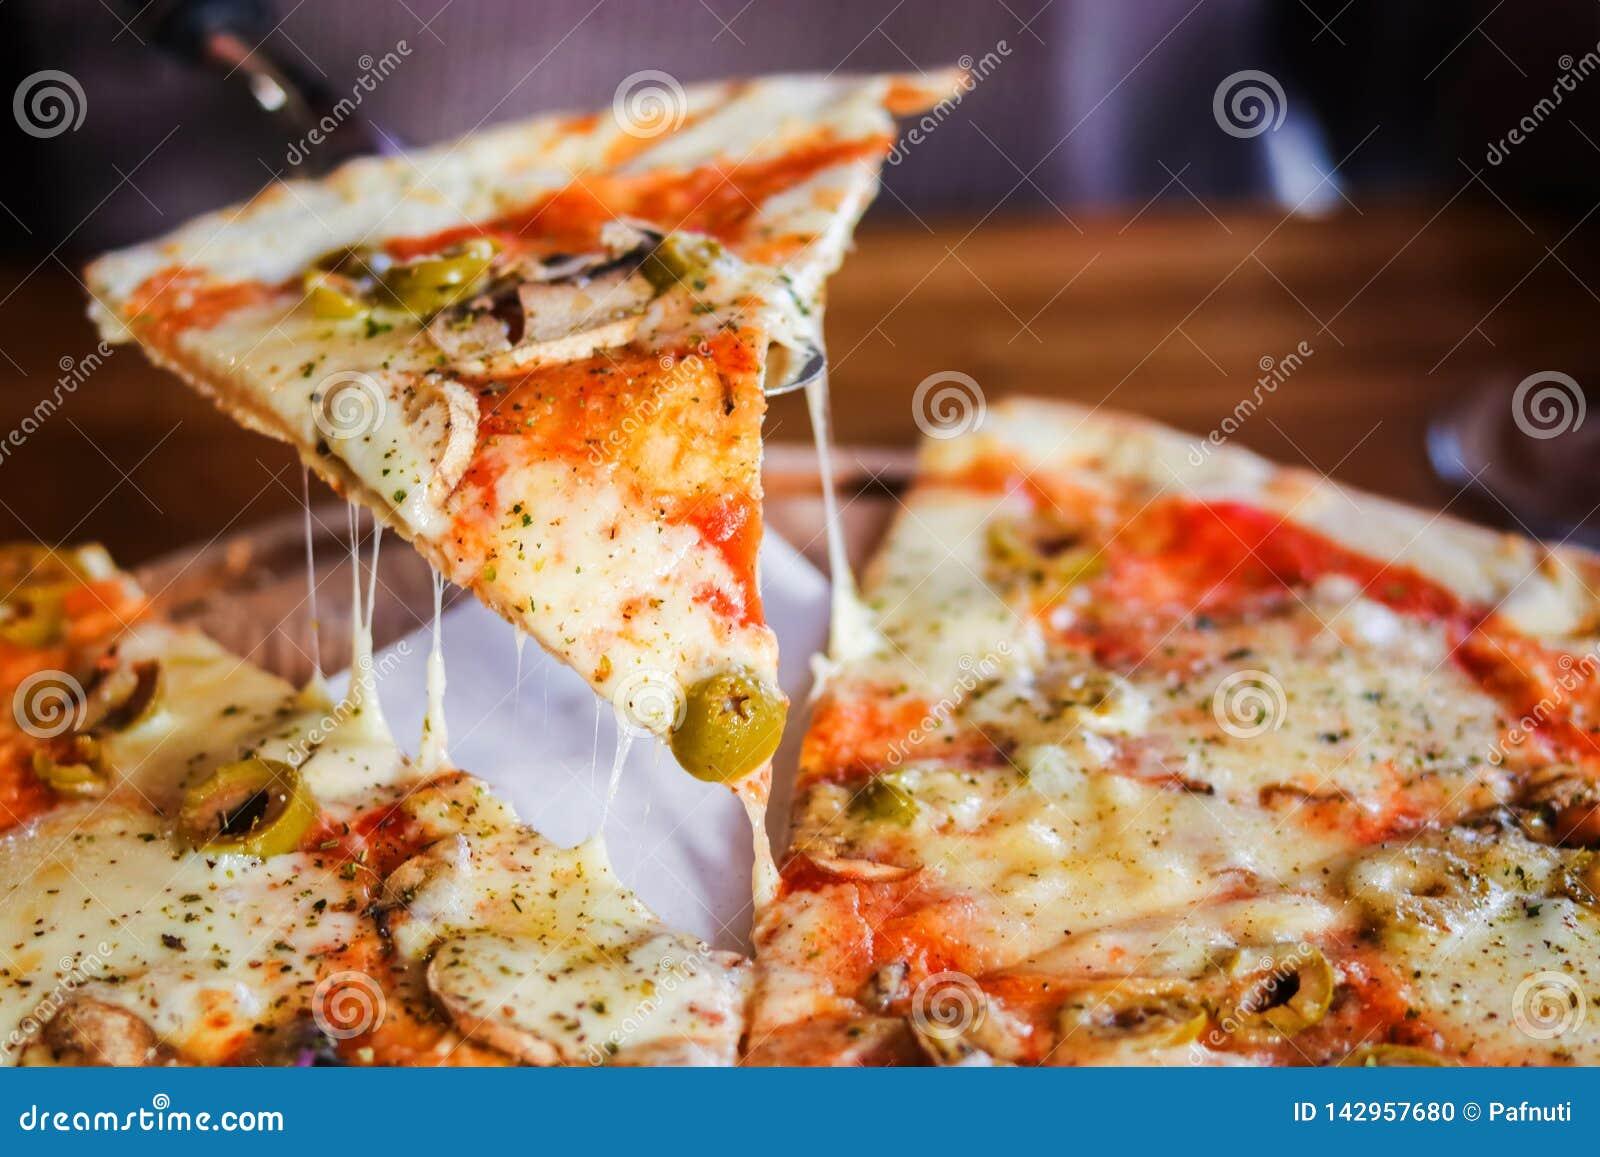 Κινηματογράφηση σε πρώτο πλάνο Χορτοφάγος πίτσα σε ένα σκοτεινό υπόβαθρο